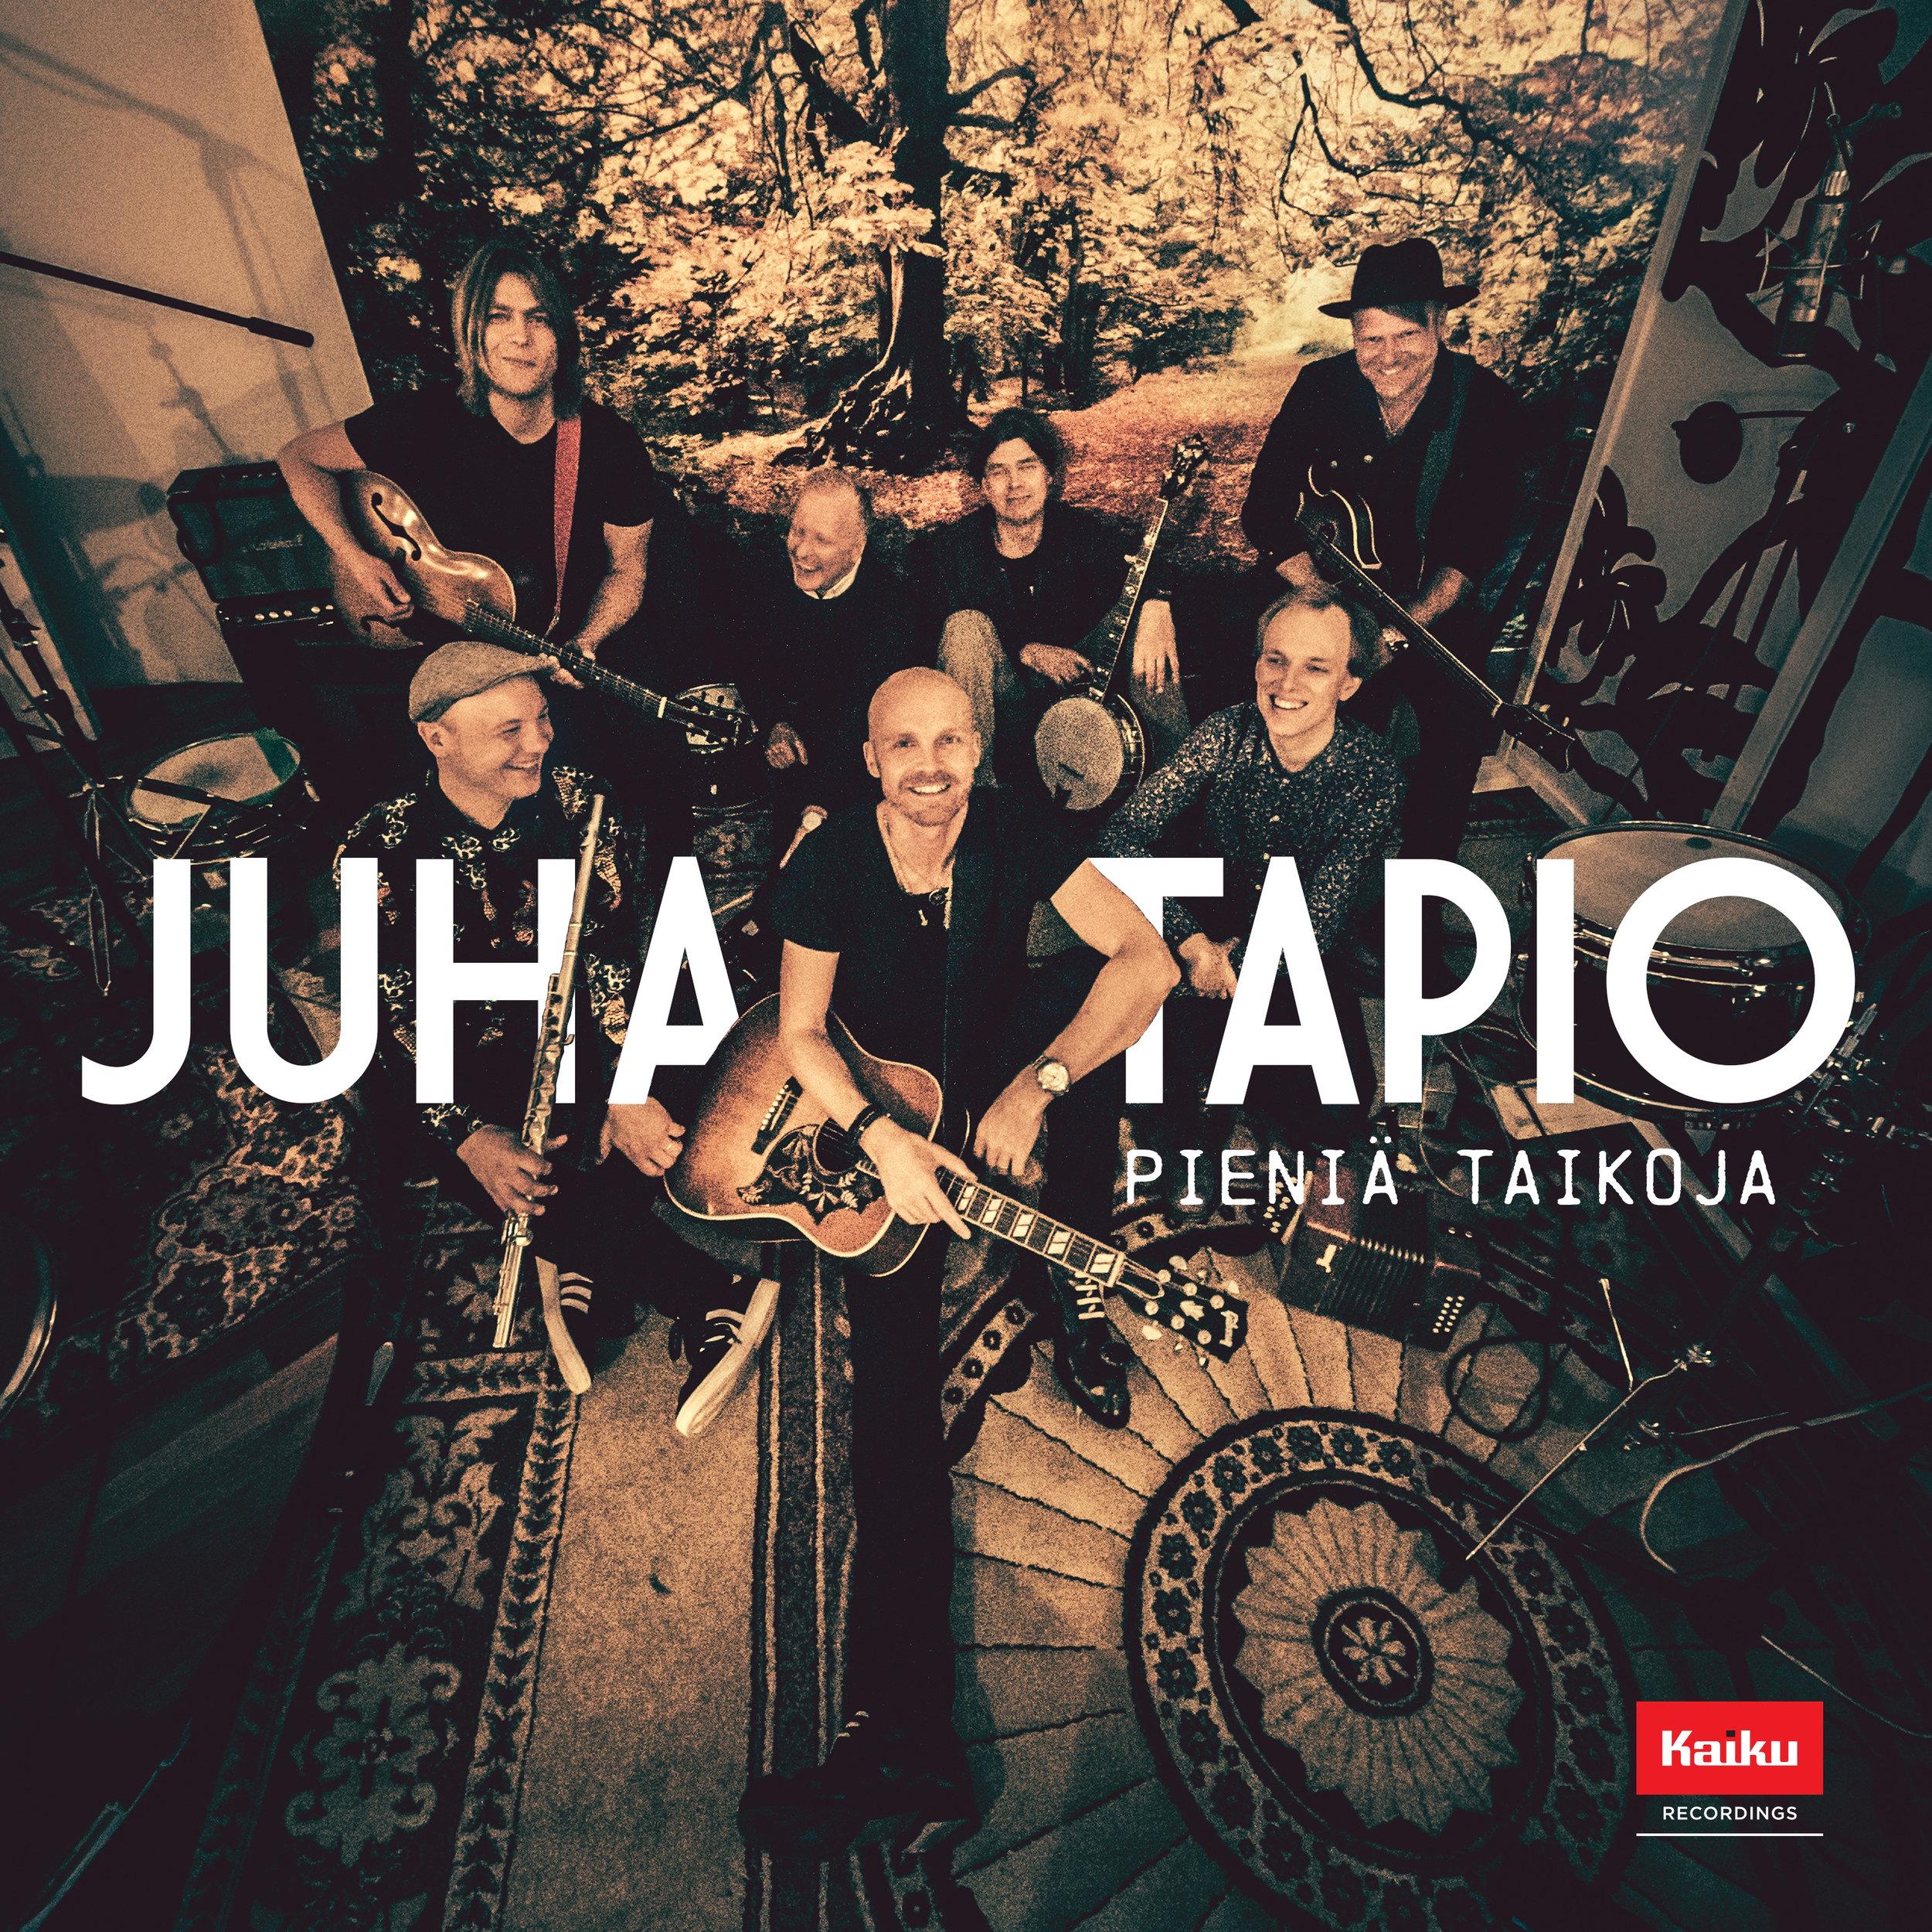 Juha_Tapio_pienia_taikoja.jpg